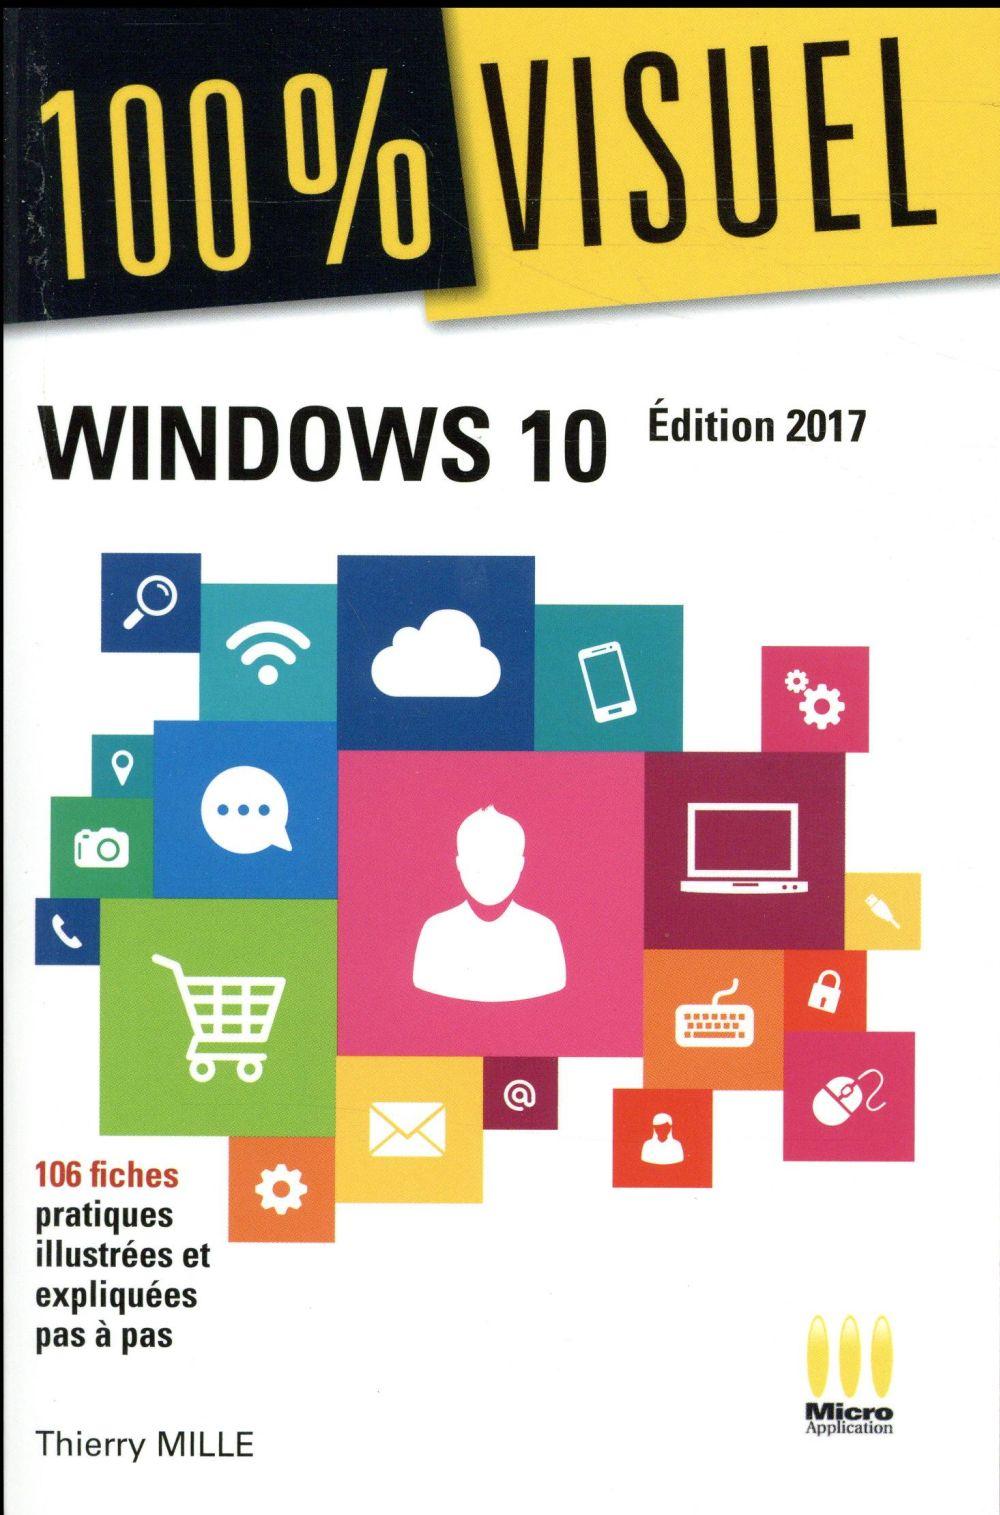 100 % visuel Windows 10 (édition 2017)